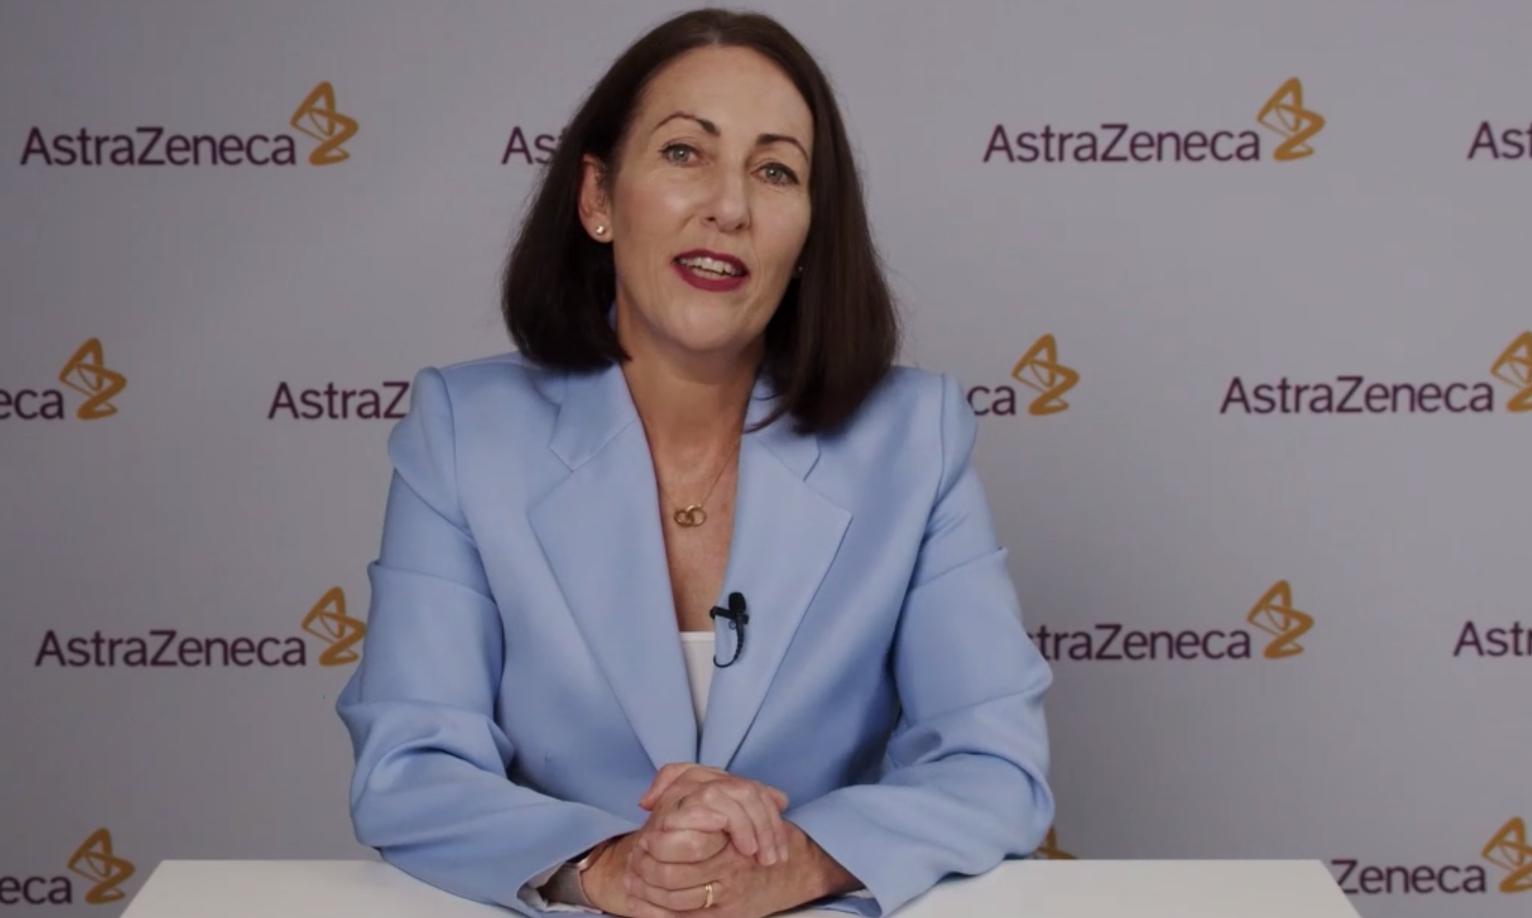 Pharma News - TGA approves AstraZeneca COVID-19 vaccine for use in Australia